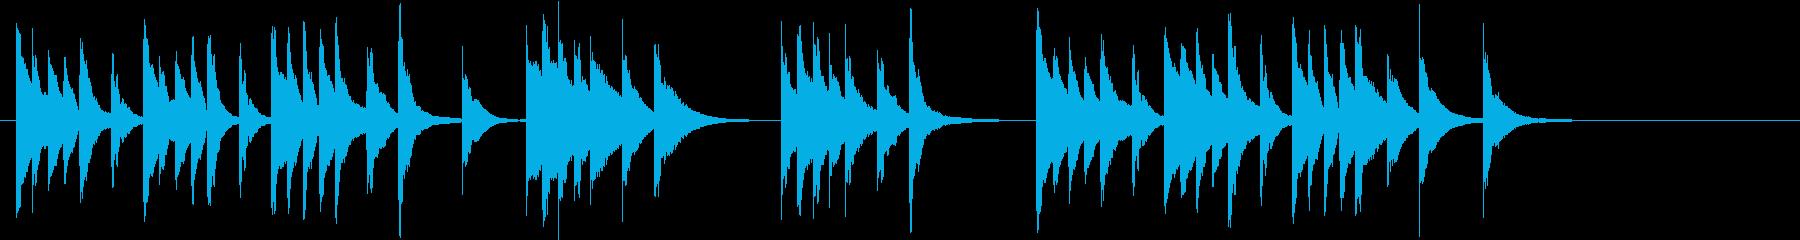 木琴の音で作ったほのぼのとしたジングルの再生済みの波形